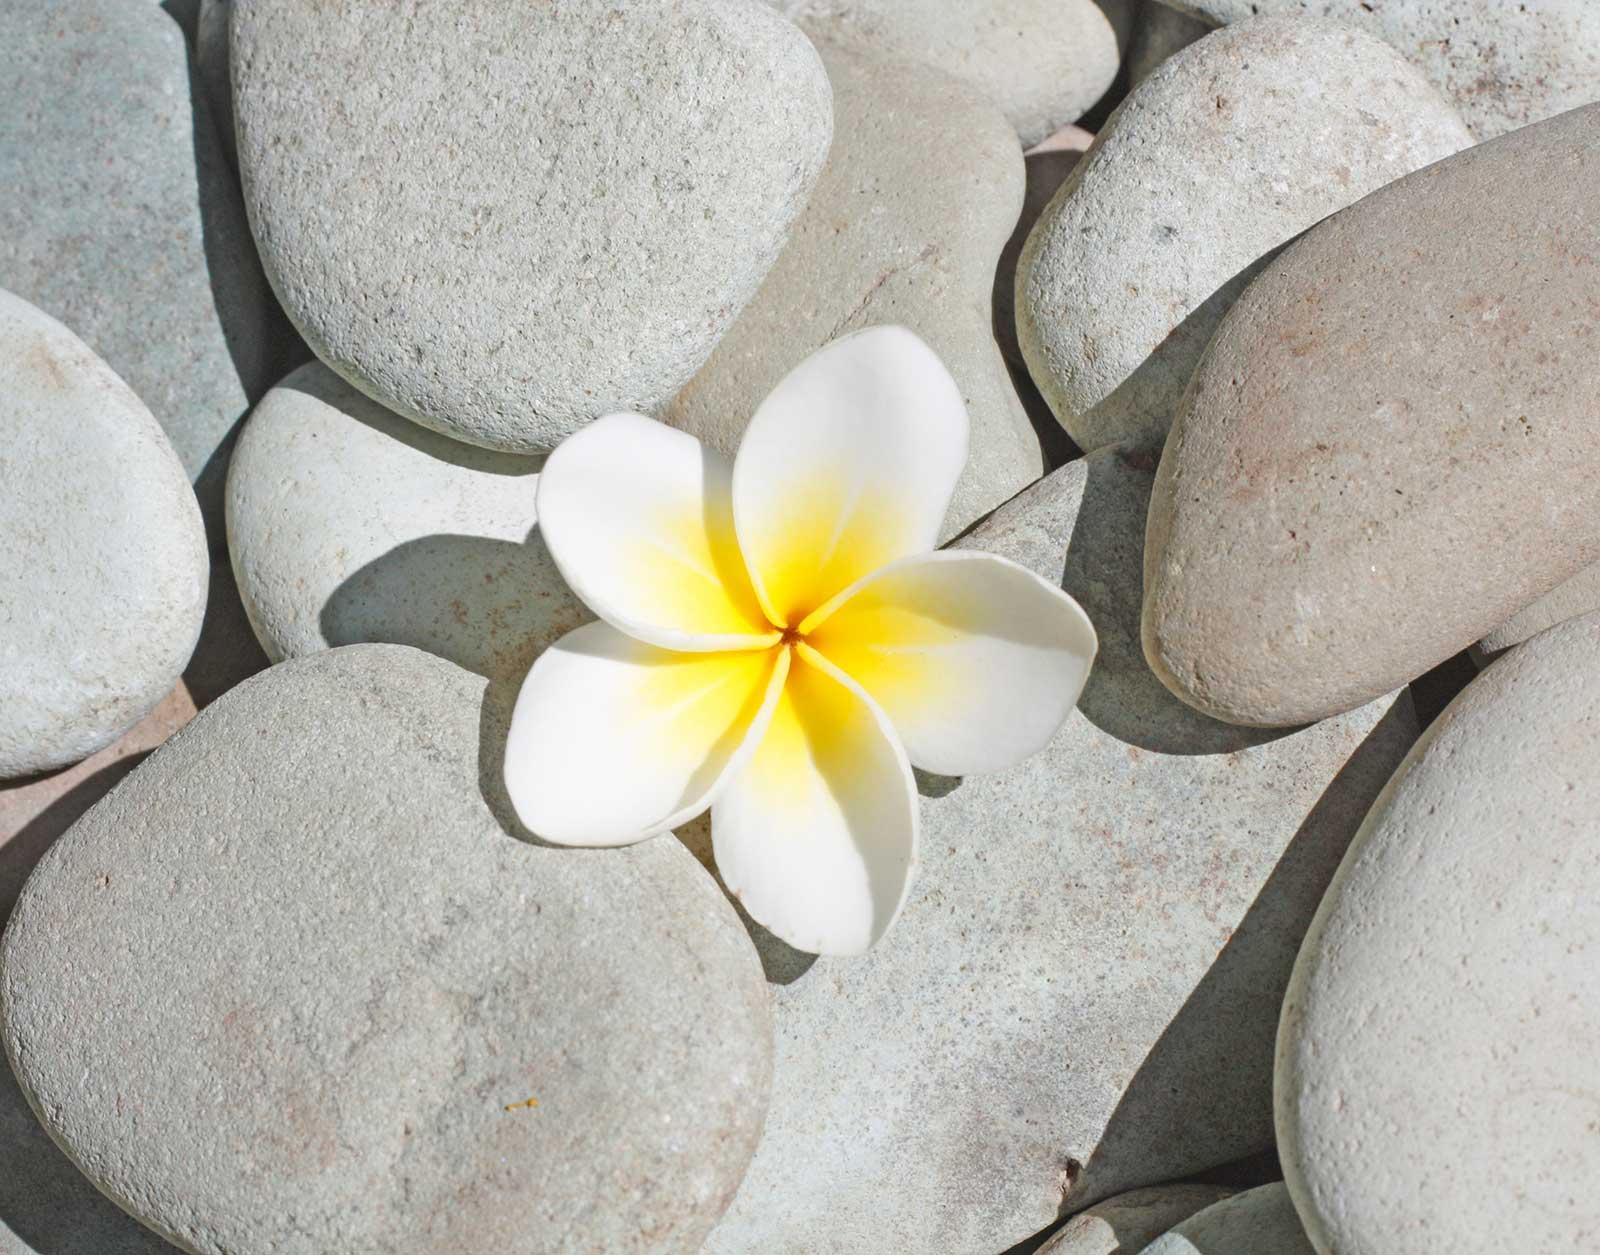 blomma och stenar